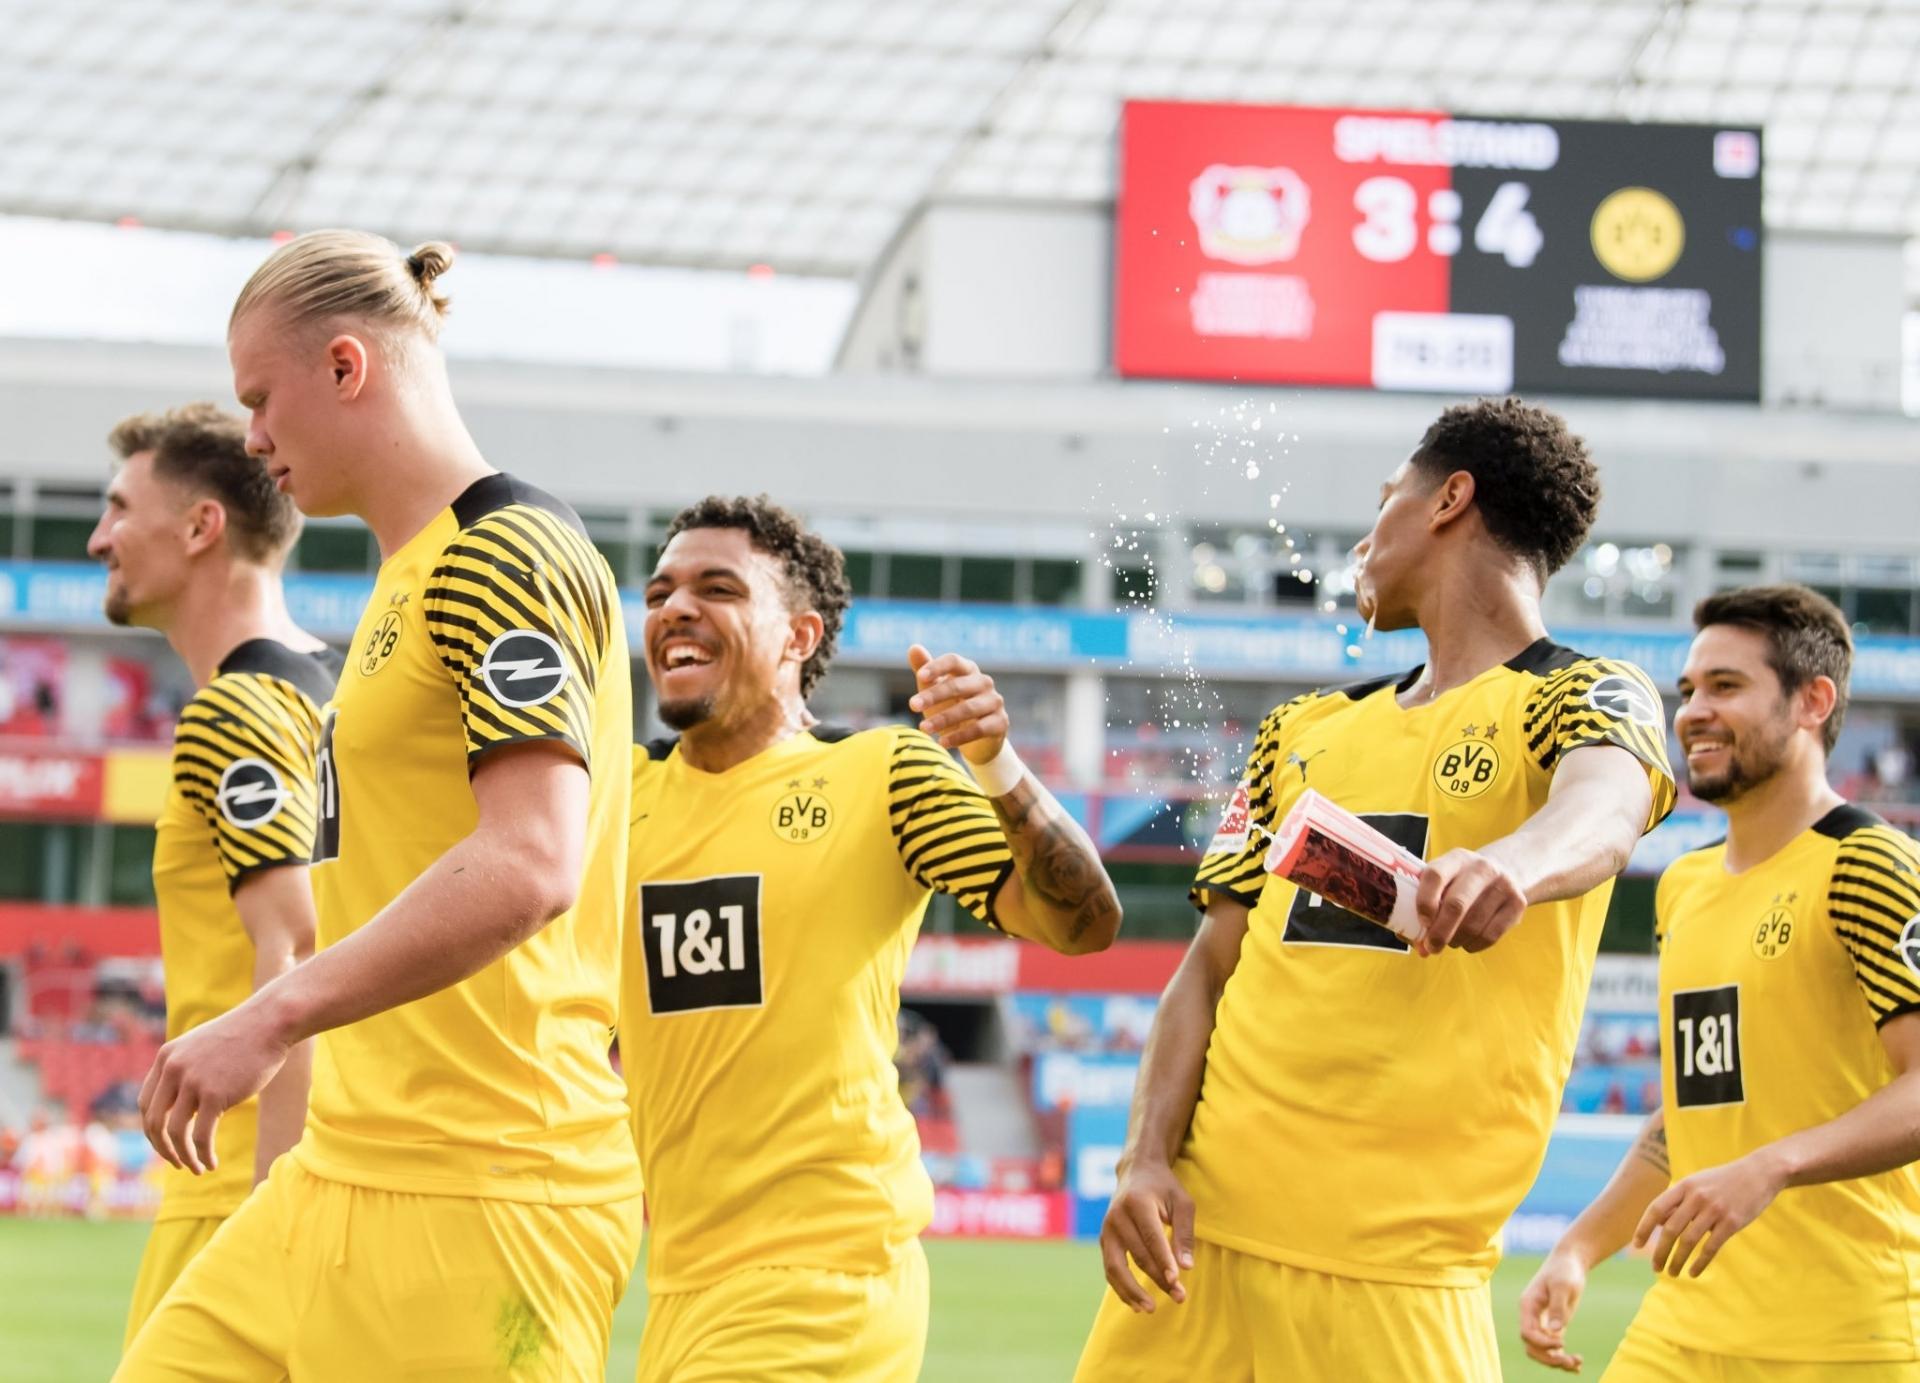 Nhận định Besiktas vs Dortmund, 23h45 ngày 15/09: Vòng bảng UEFA Champions League  2